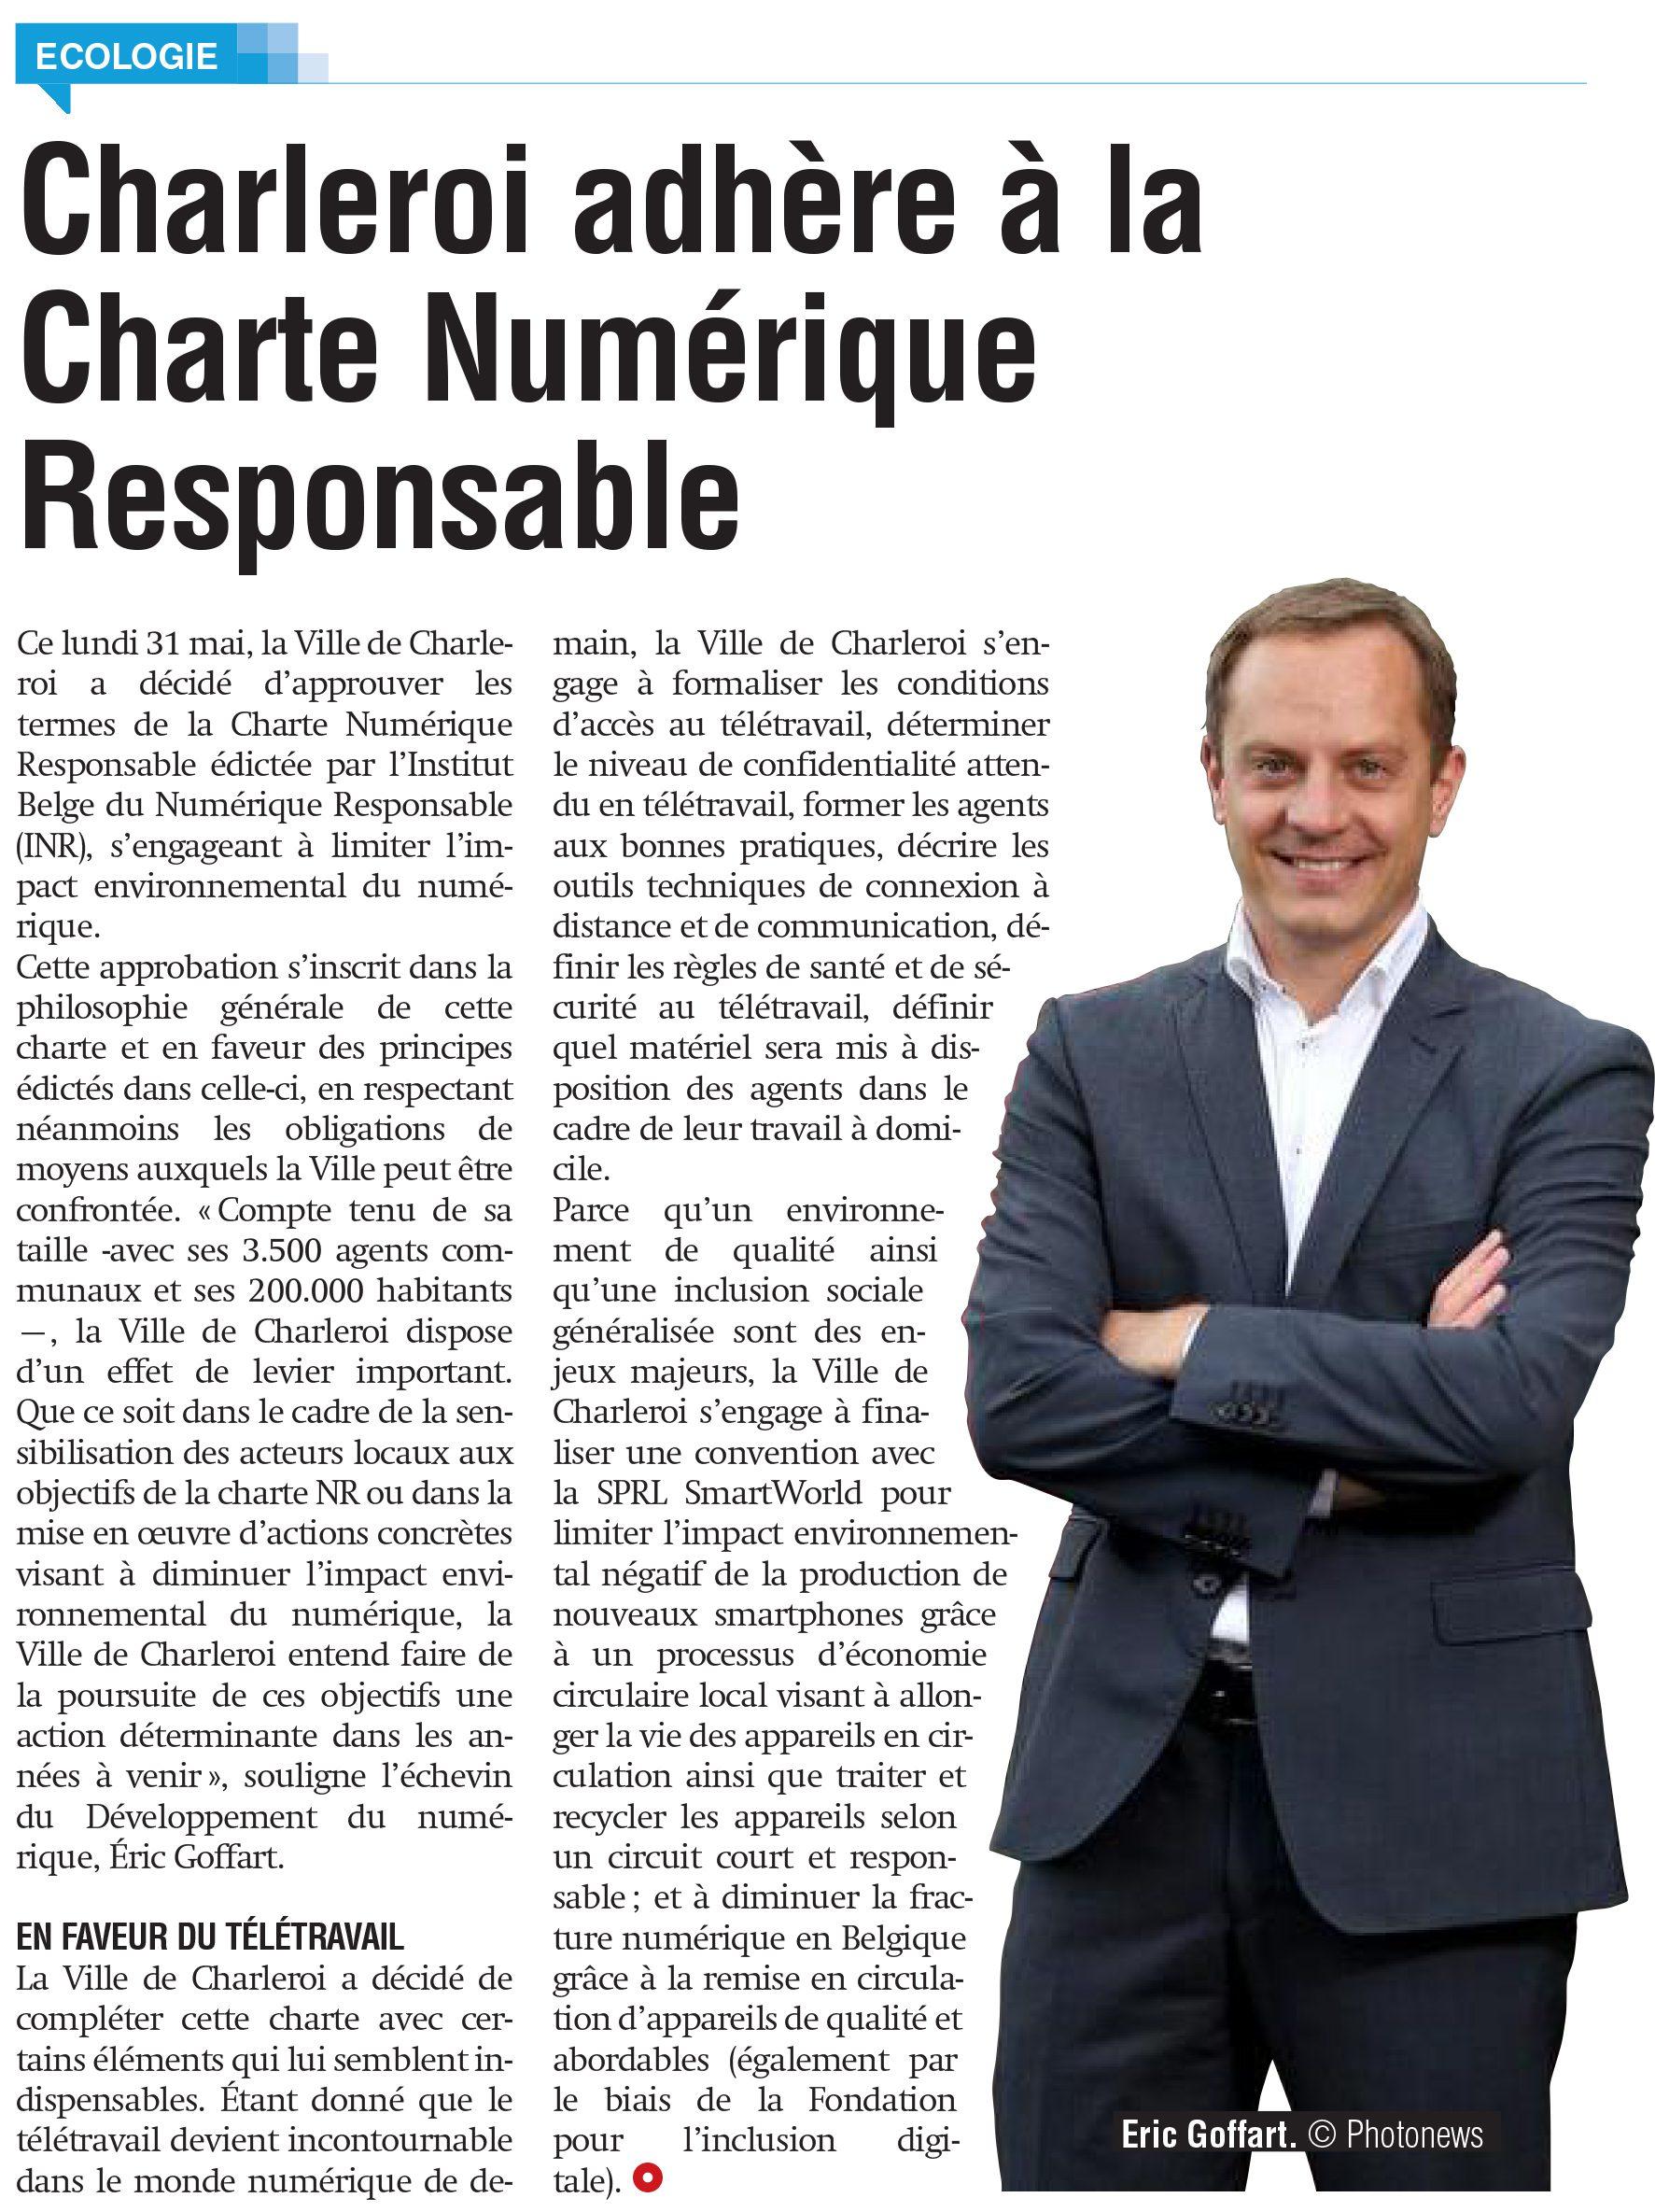 Eric Goffart - Charte numérique responsable à Charleroi